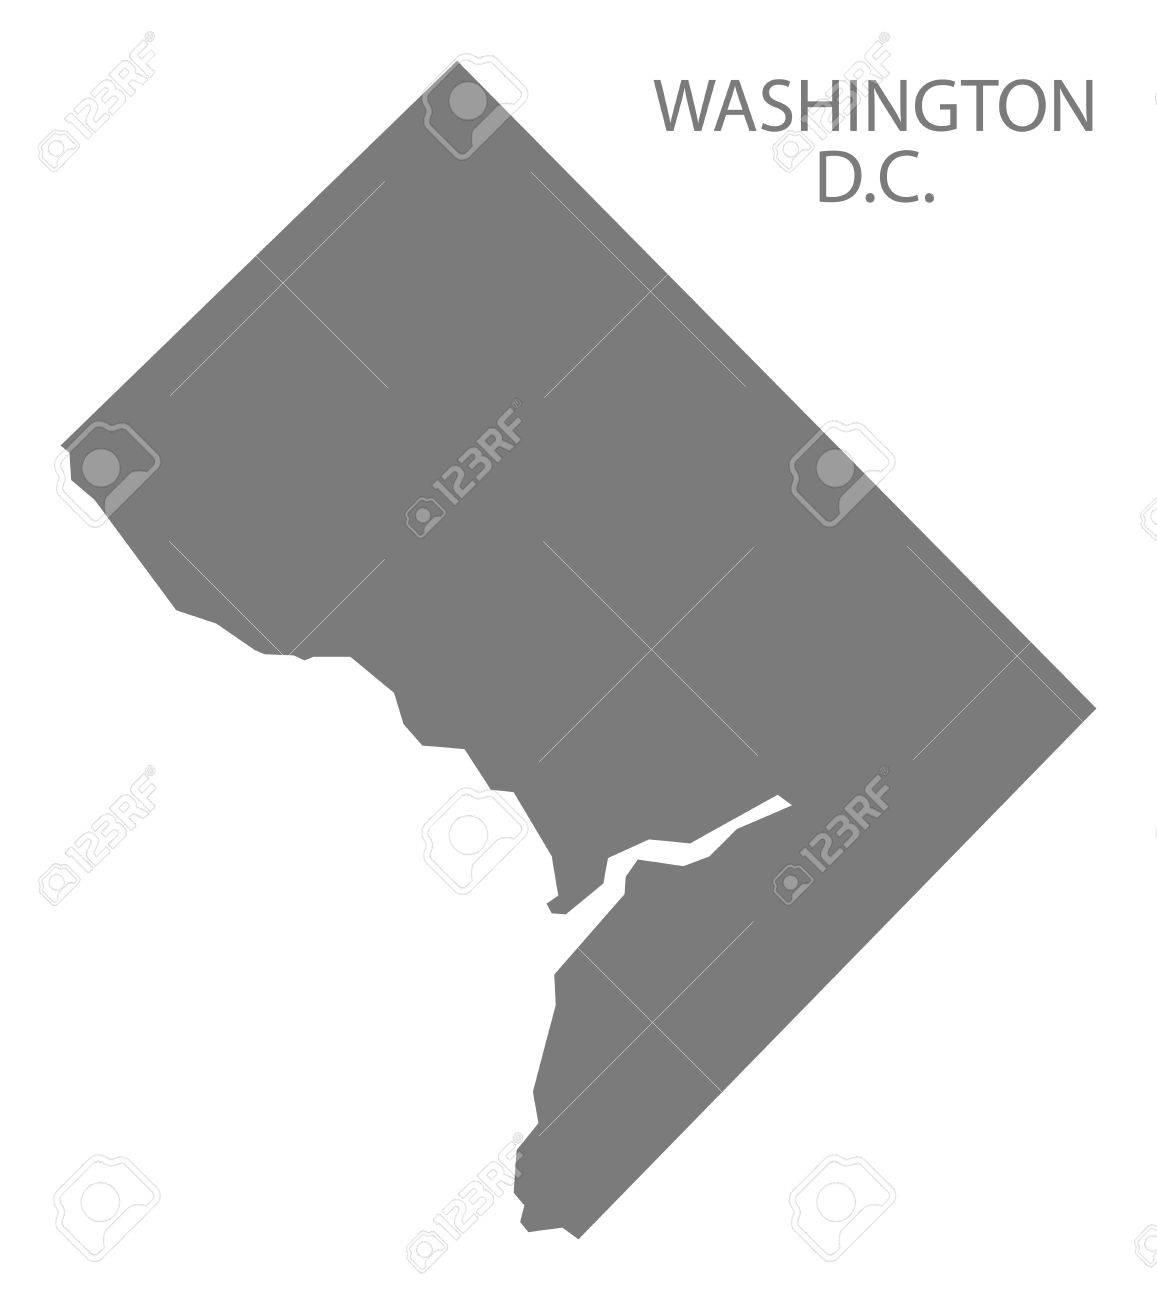 Washington DC USA Map in grey - 60709966